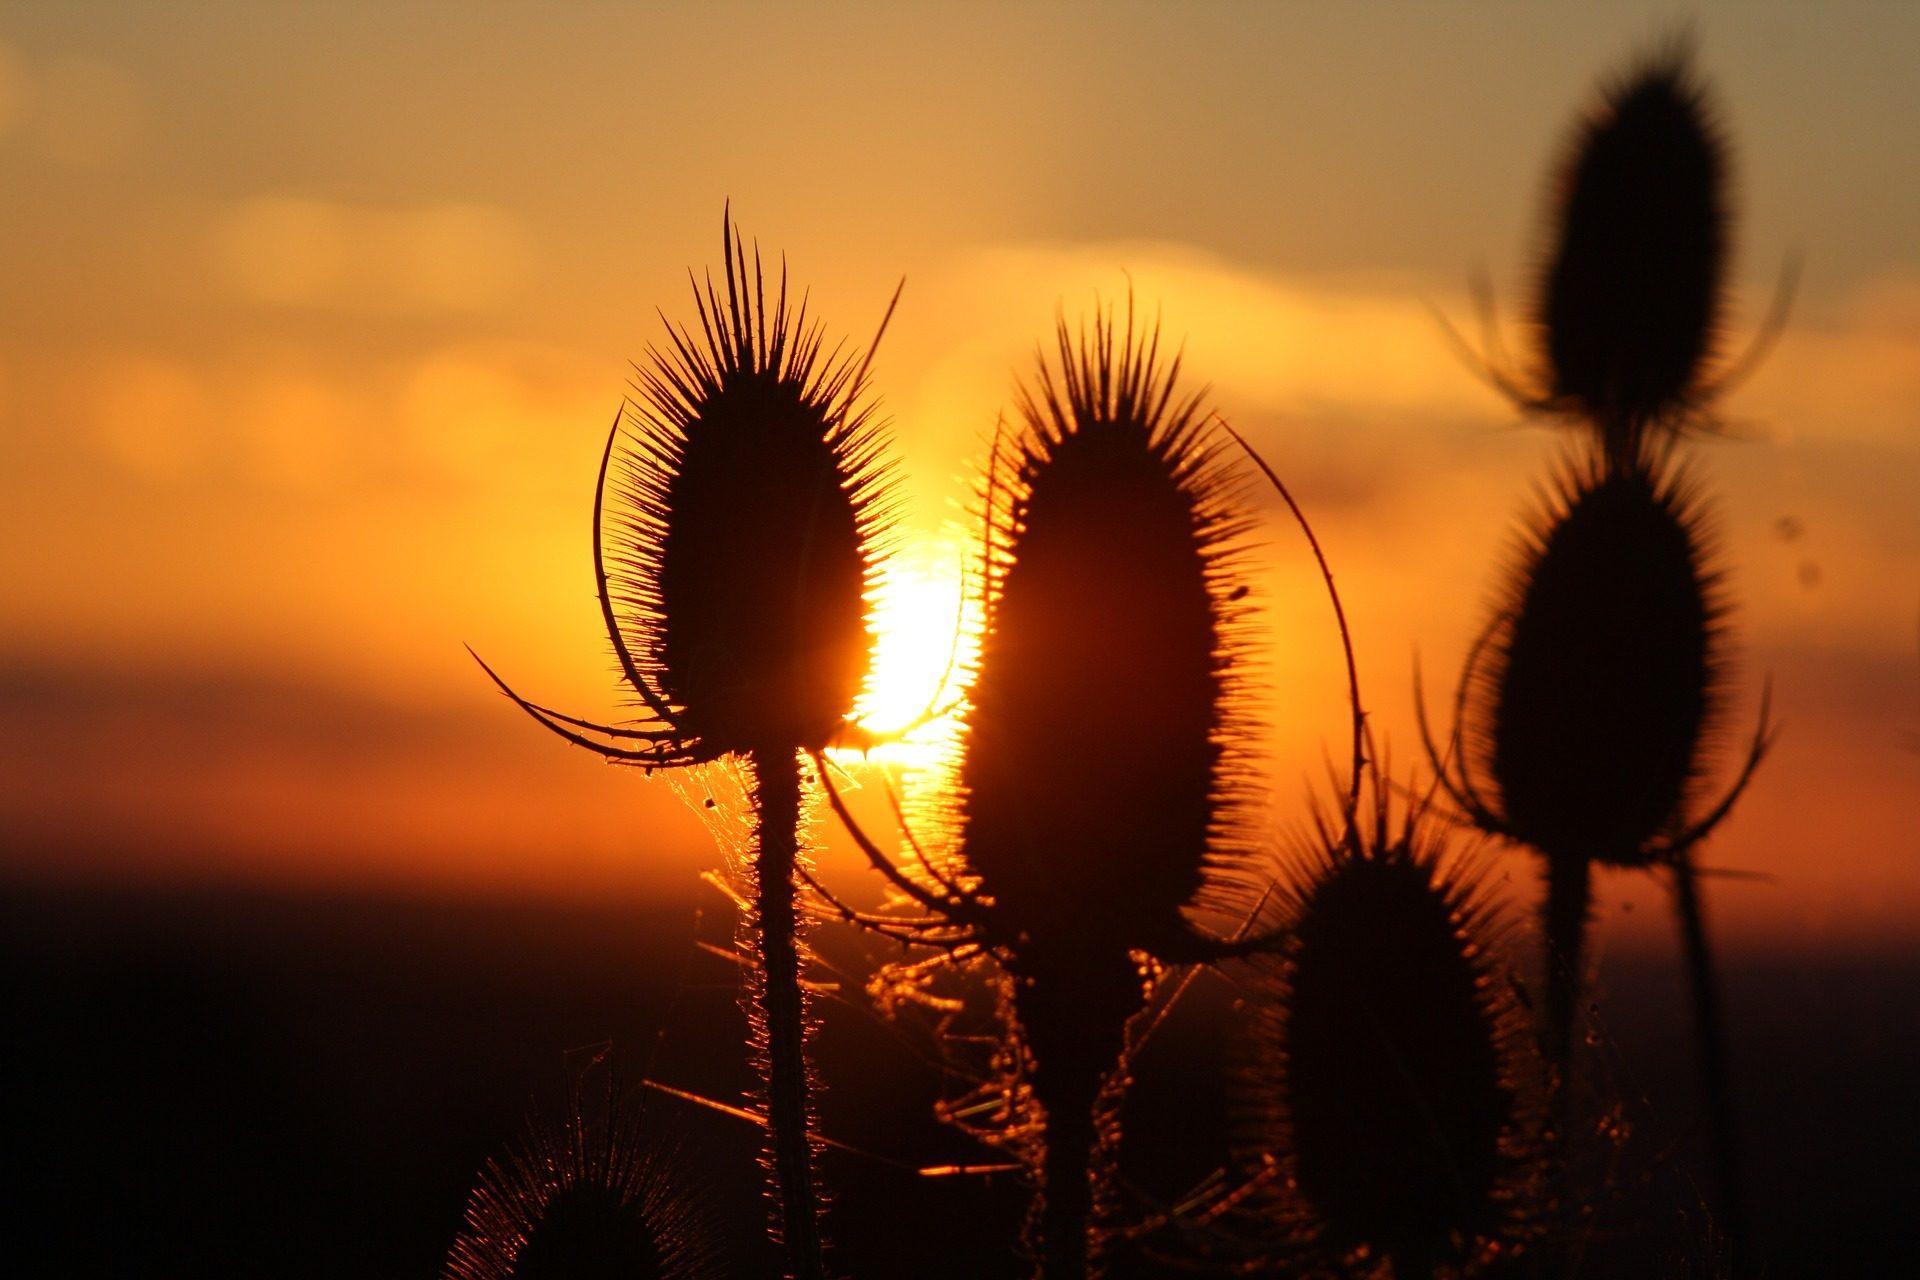 πεδίο, Ηλιοβασίλεμα, Κυρ, φως, Γαϊδουράγκαθο, φυτά, σκιές, σιλουέτες - Wallpapers HD - Professor-falken.com